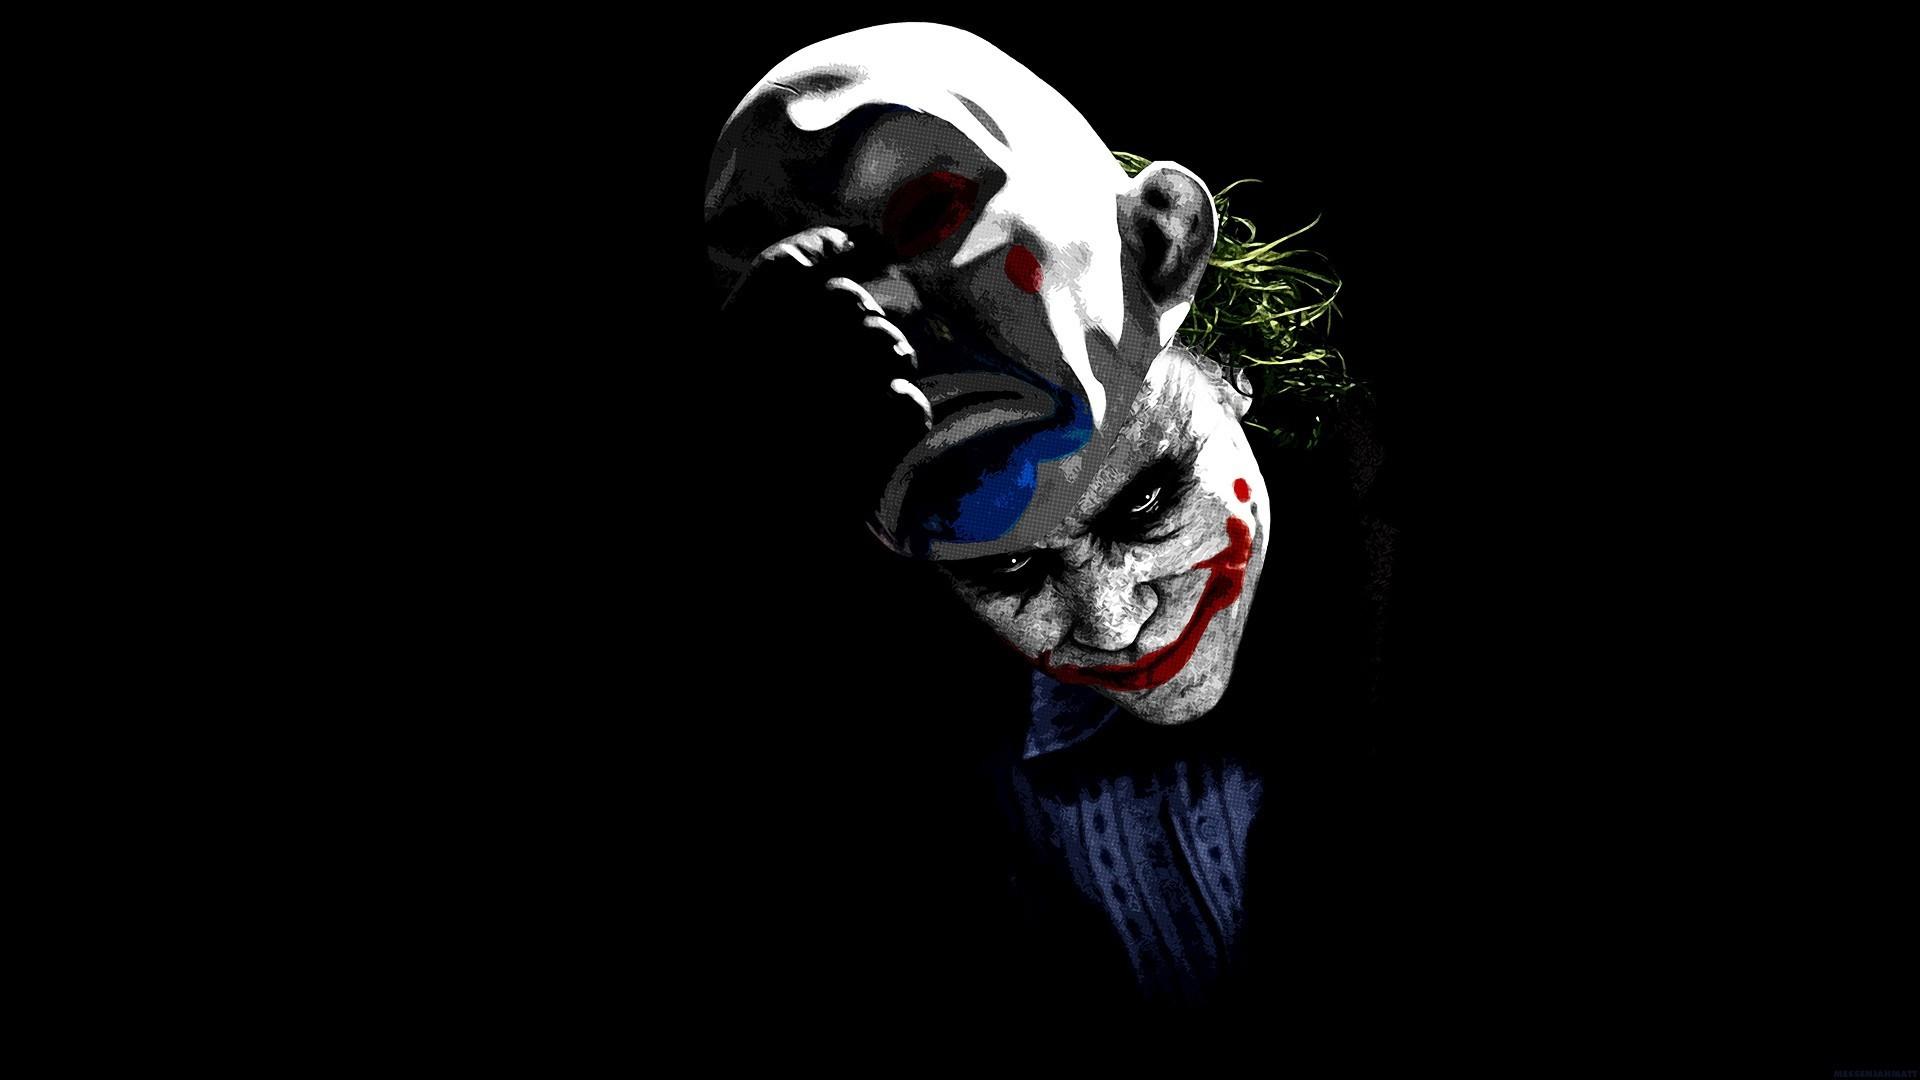 Evil Clown Wallpaper Hd